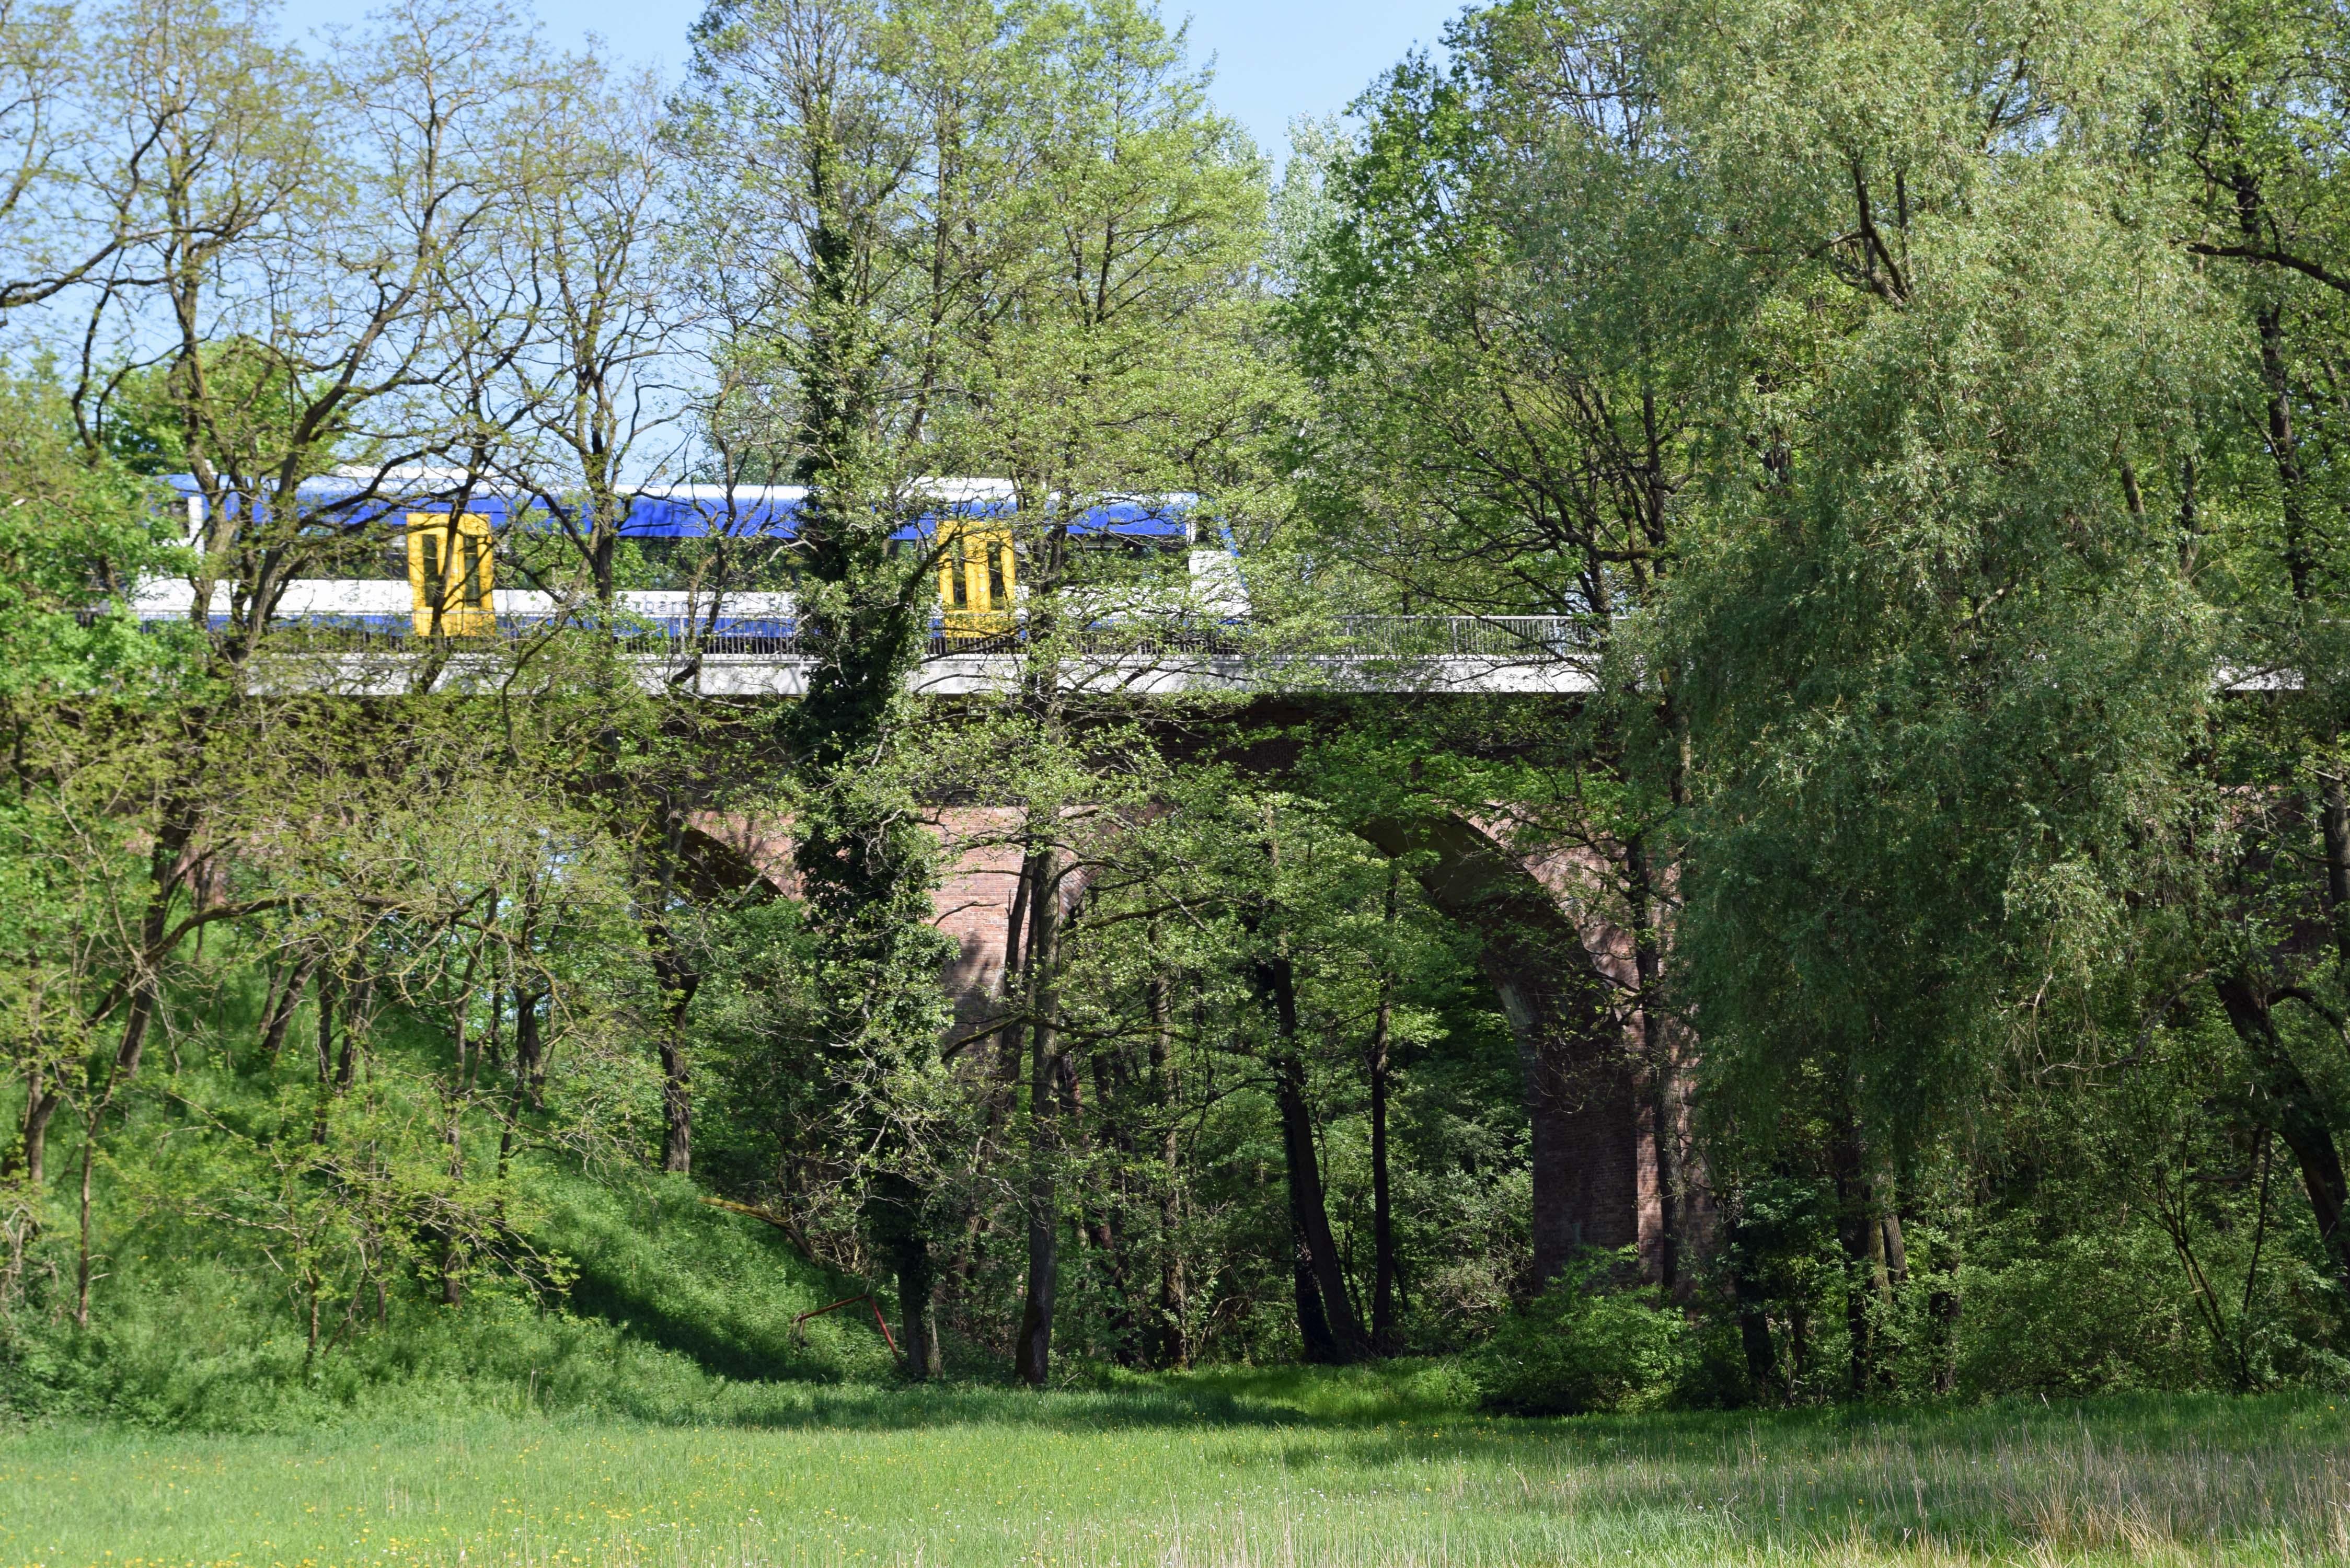 Bild vom Eisenbahnviadukt Lindenberg bei Beeskow in Brandenburg